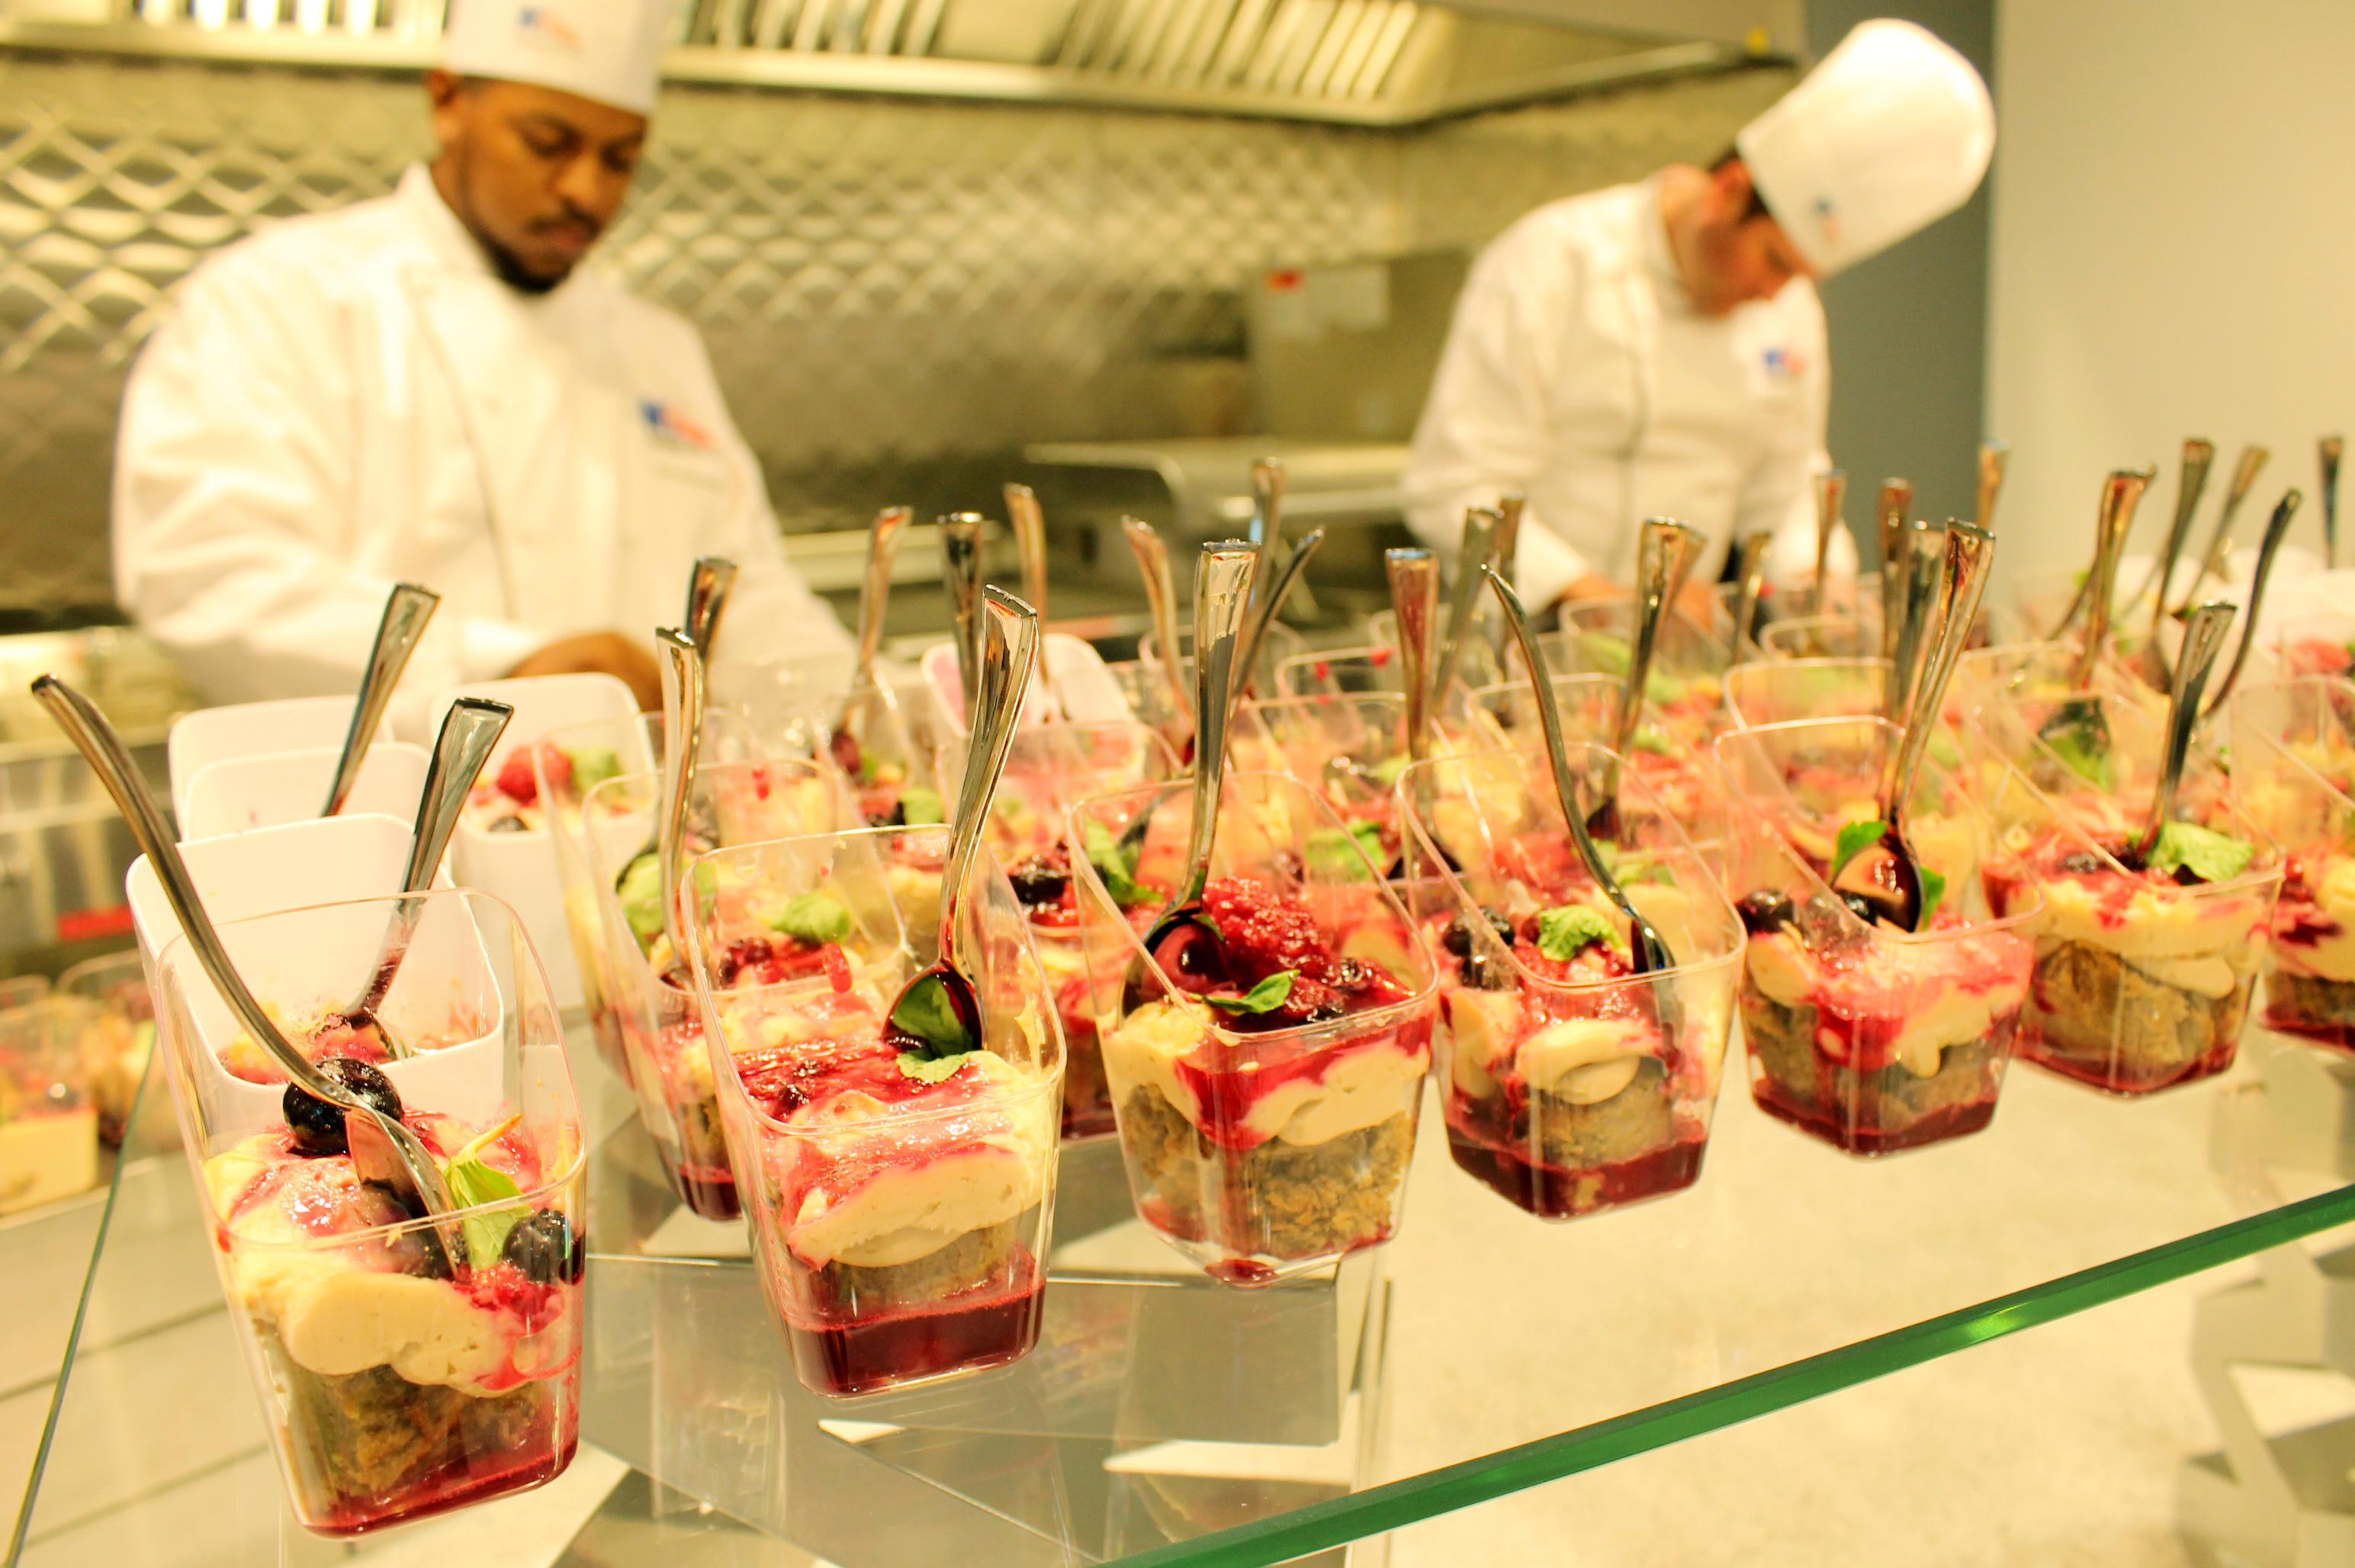 https://memorialcoliseum.com/images/Images/createkitchen_gallery/dessert2chefs.jpg